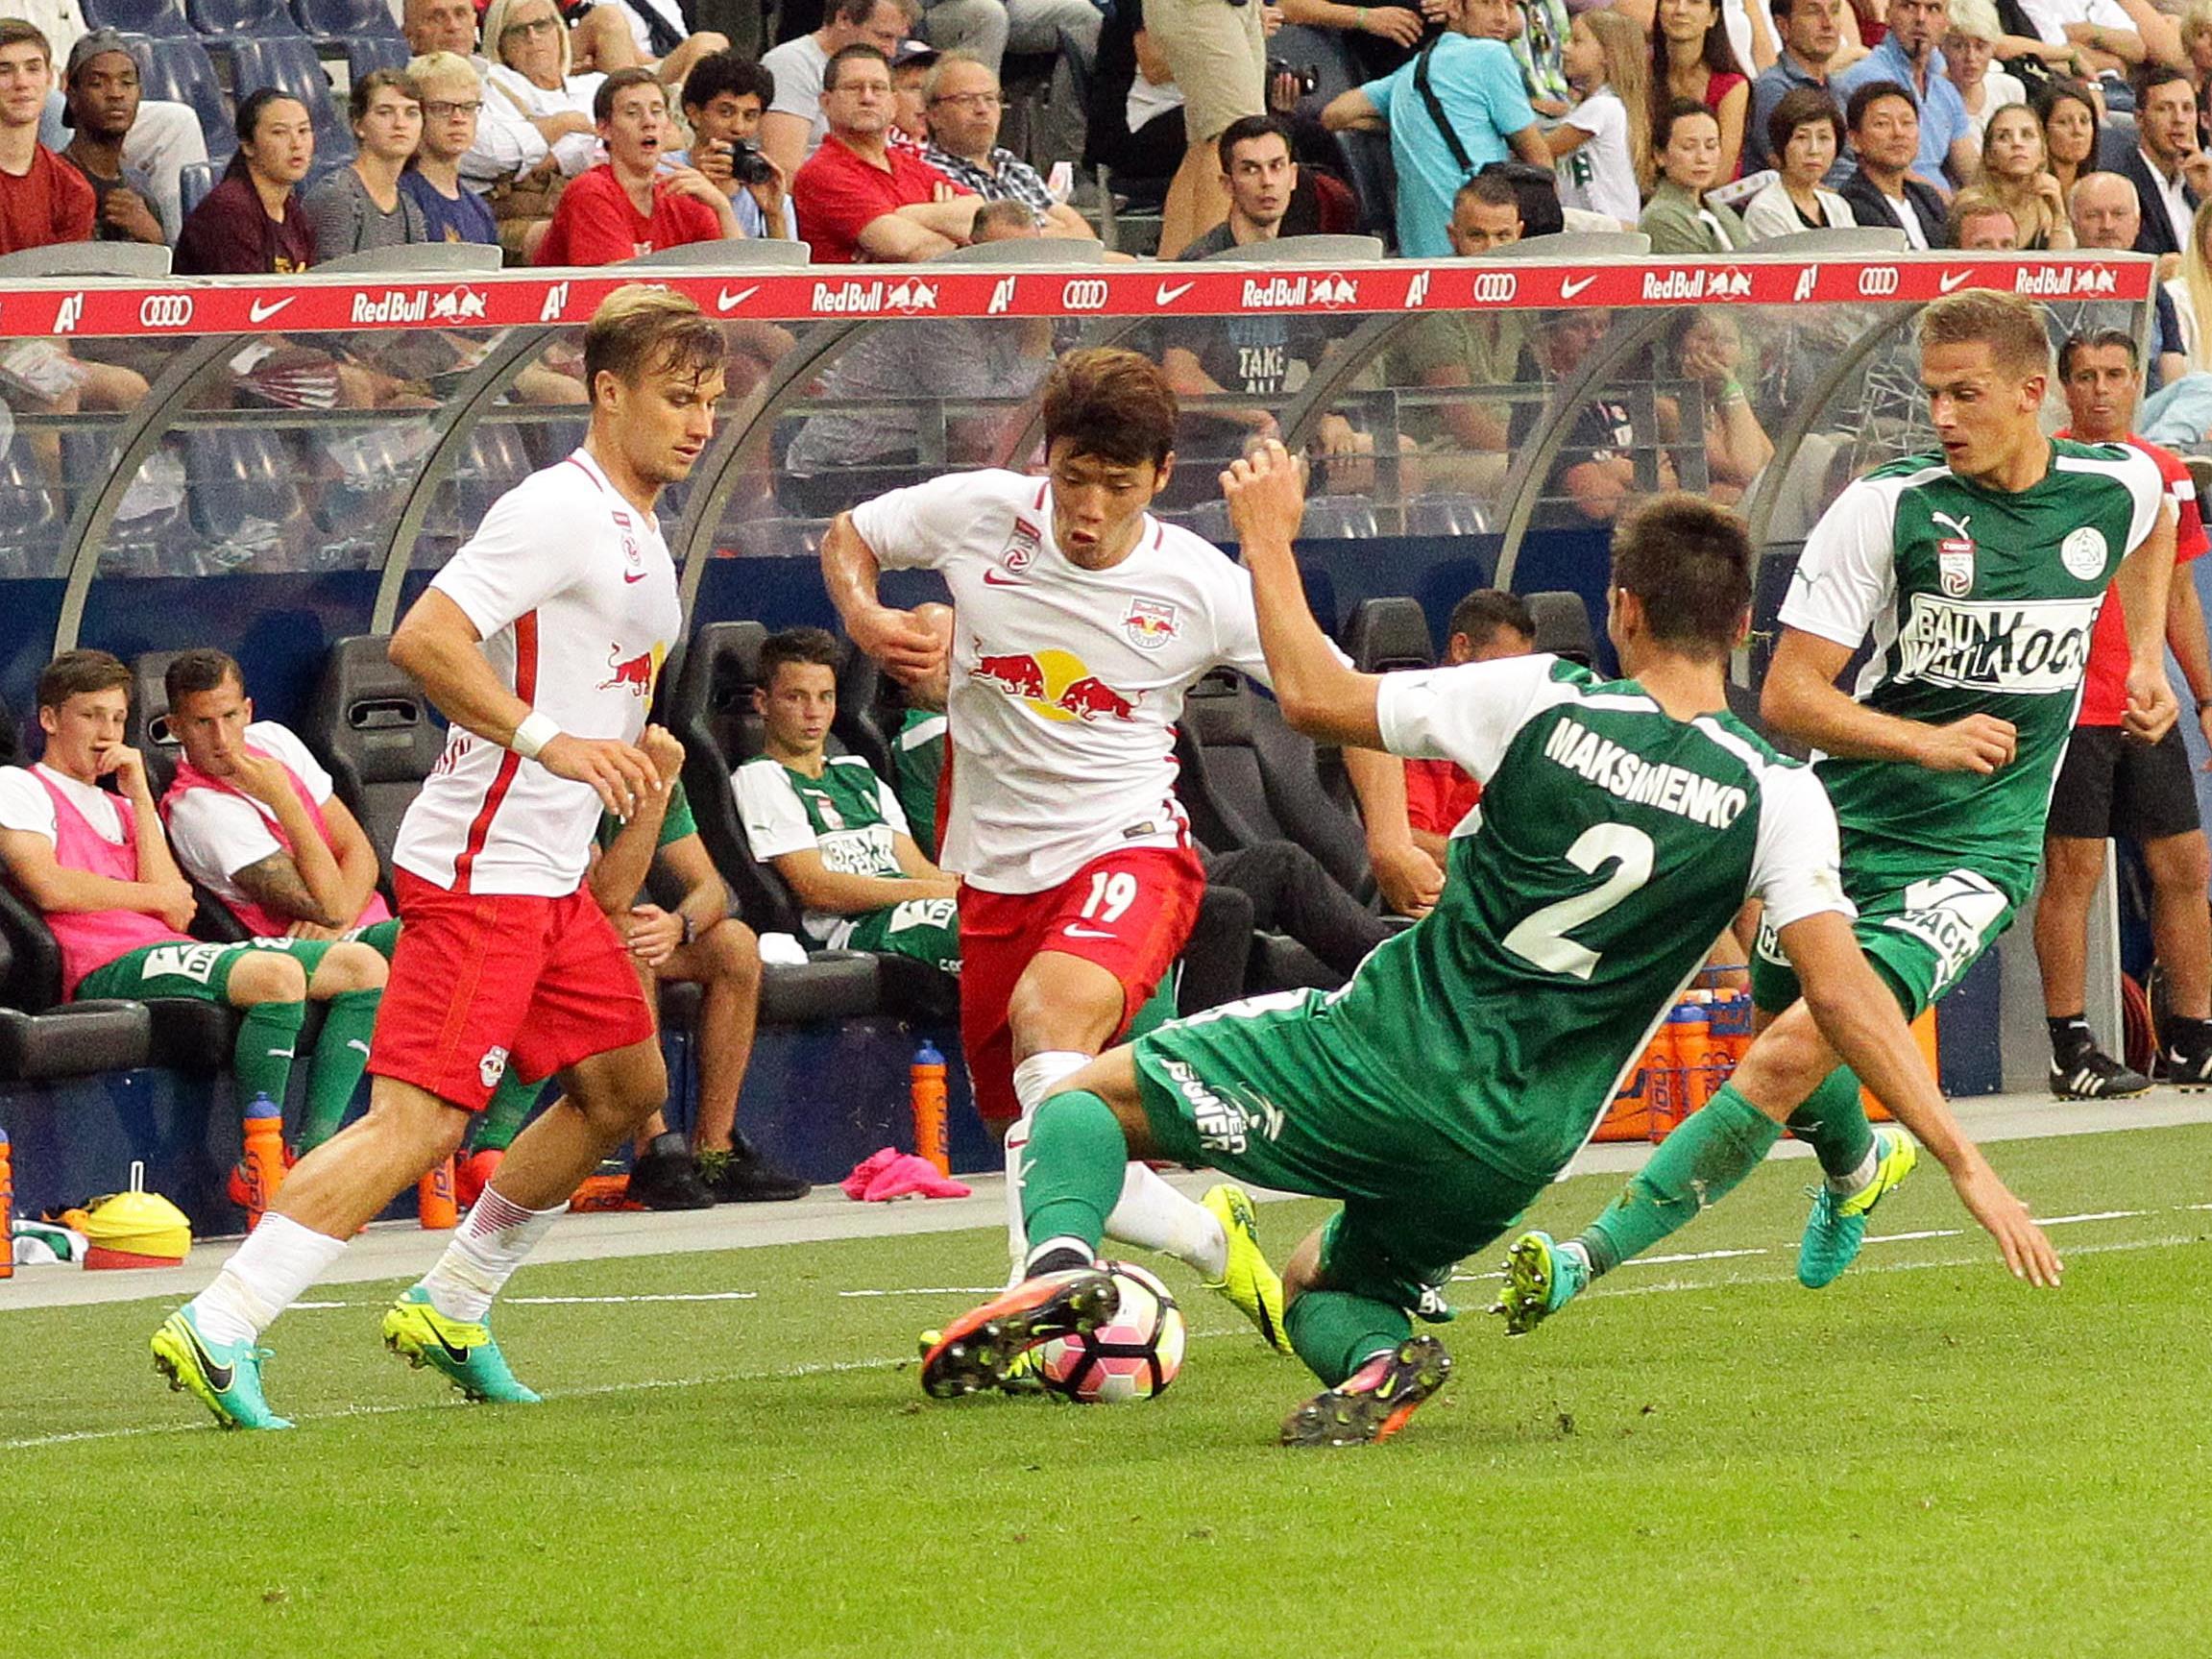 LIVE-Ticker zum Spiel SV Mattersburg gegen Red bull Salzburg ab 16.30 Uhr.